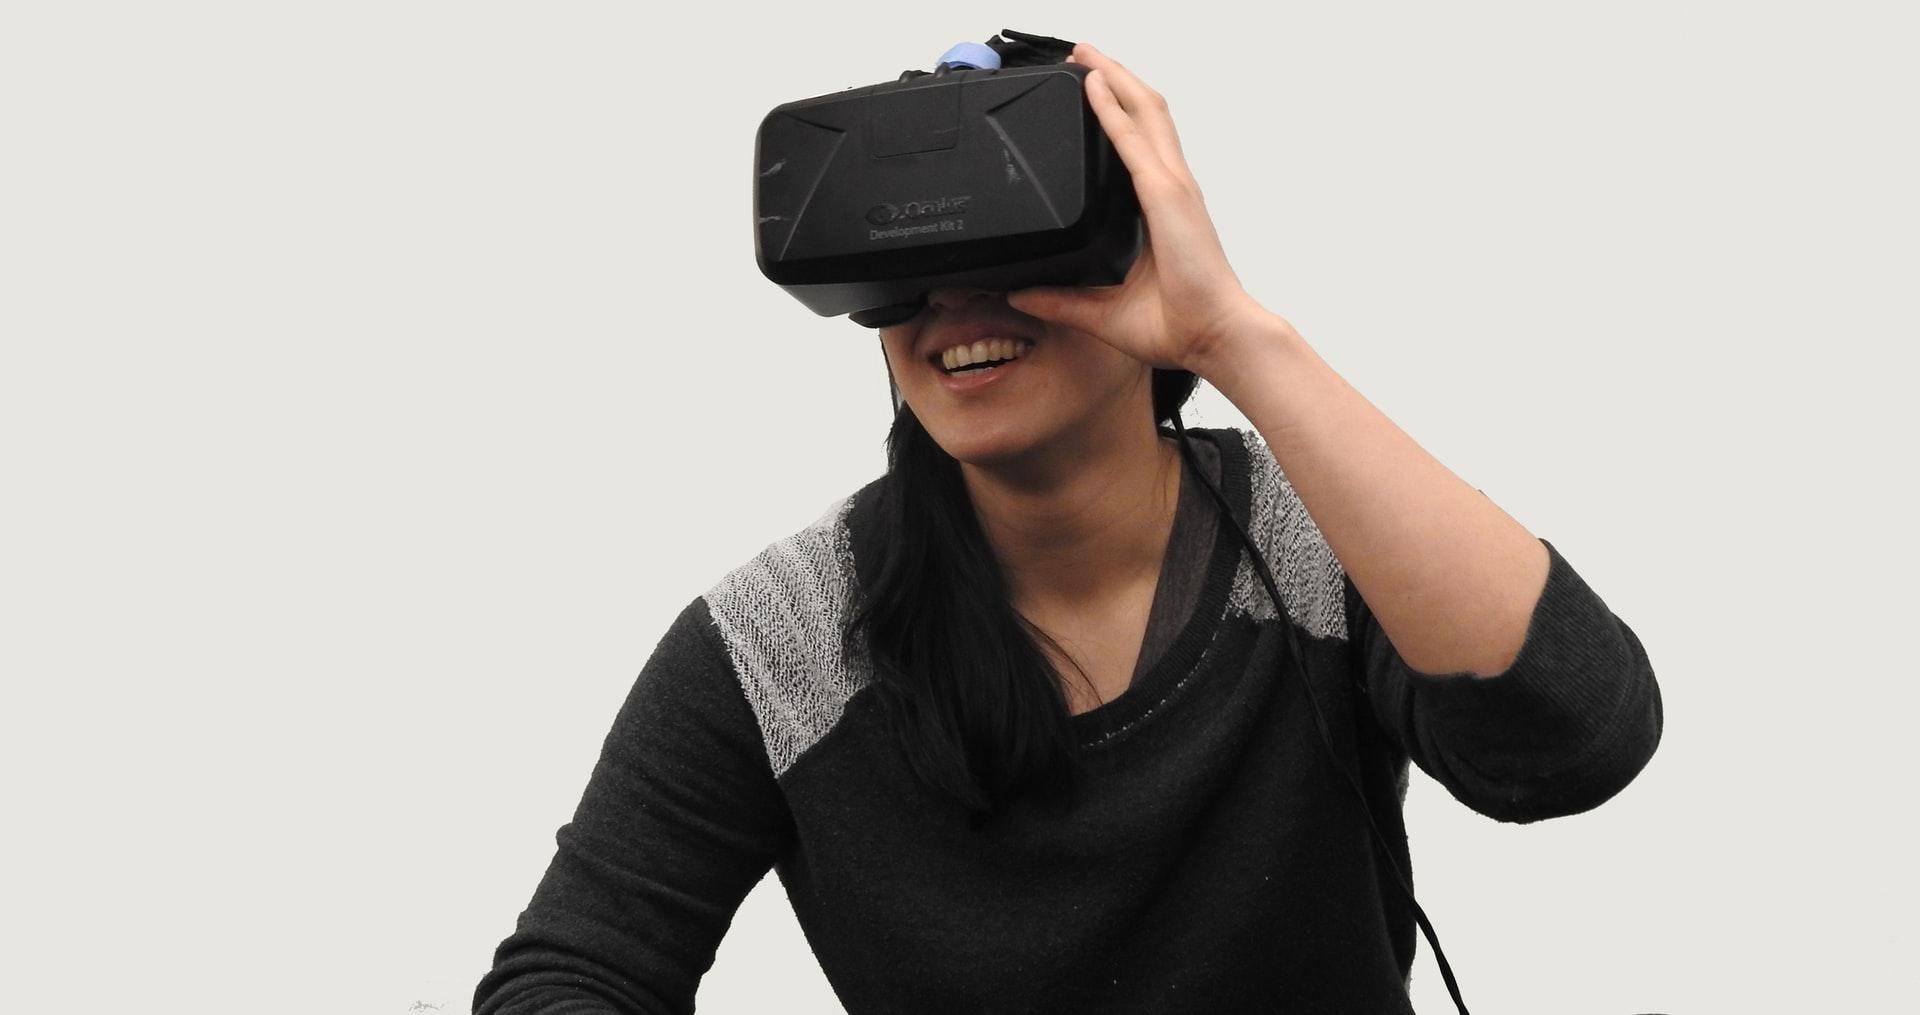 la visite virtuelle 360 pour l'immobilier - Photo by Hammer & Tusk on Unsplash